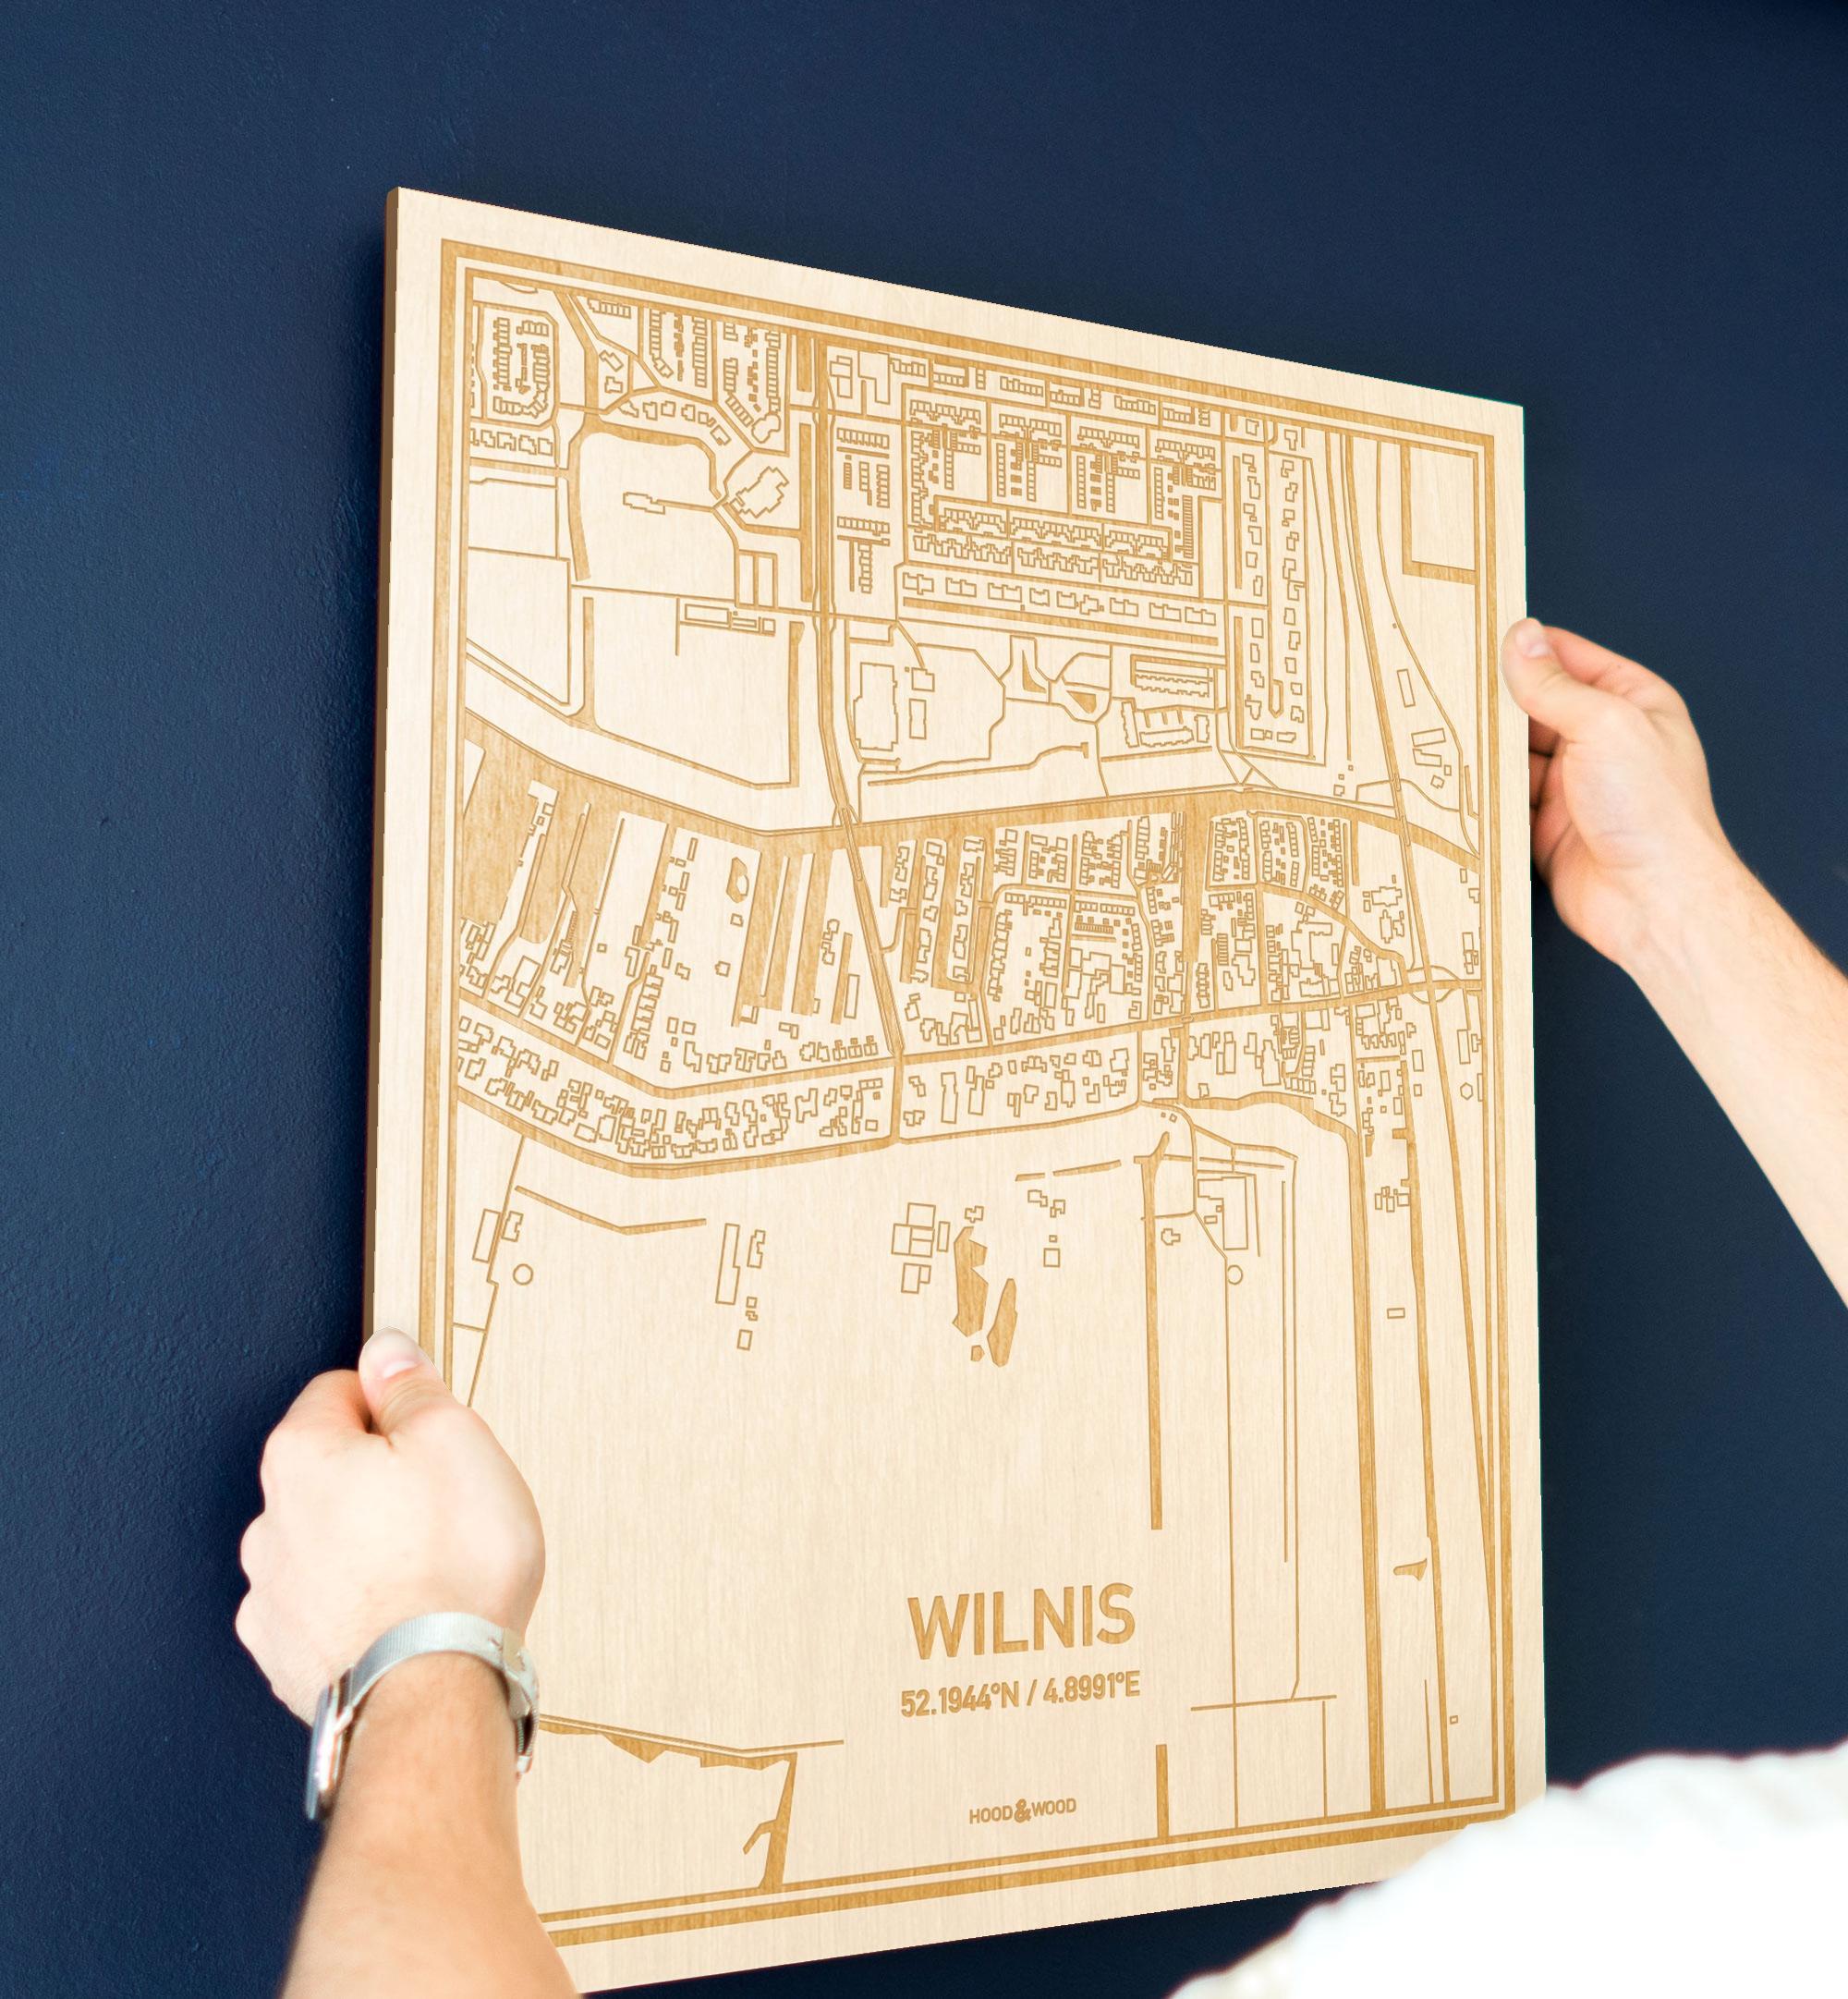 Een man hangt de houten plattegrond Wilnis aan zijn blauwe muur ter decoratie. Je ziet alleen zijn handen de kaart van deze bijzondere in Utrecht vasthouden.